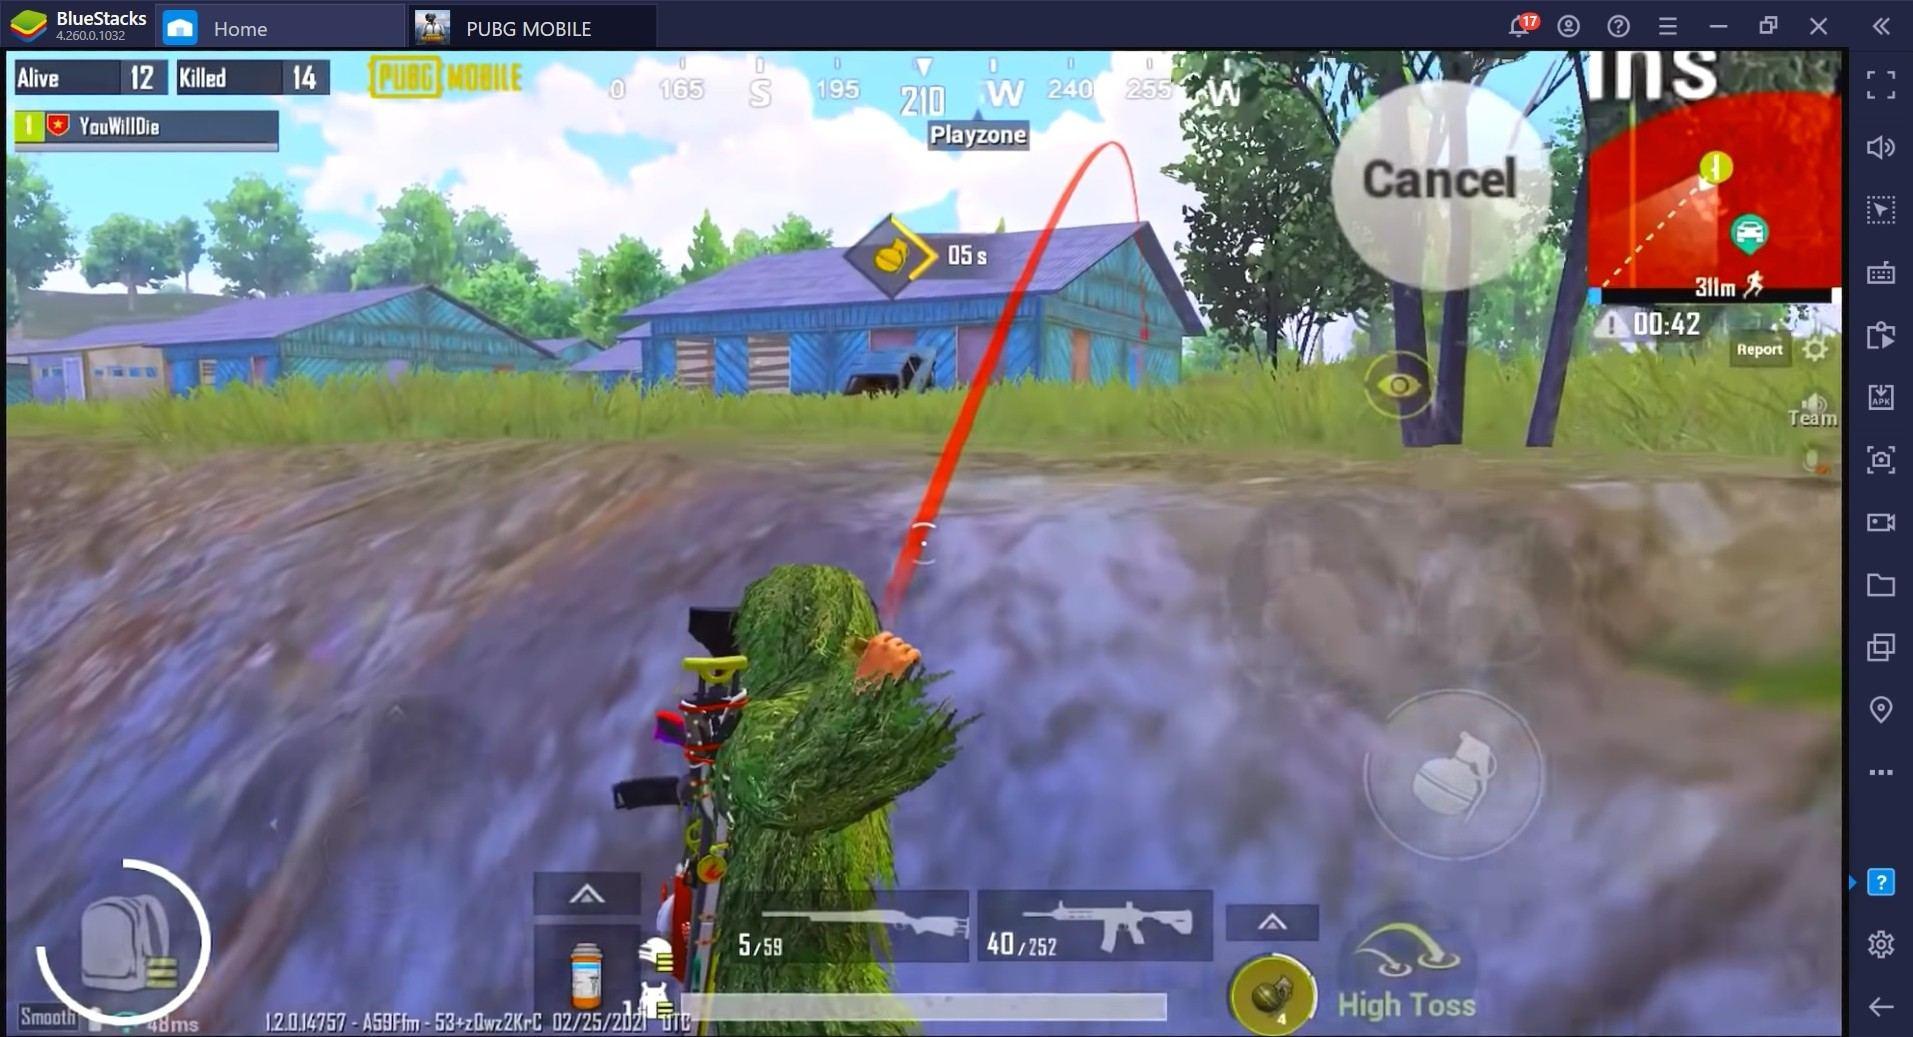 دليل سلاح لعبة PUBG Mobile لبندقية AKM الأكثر تنوعًا